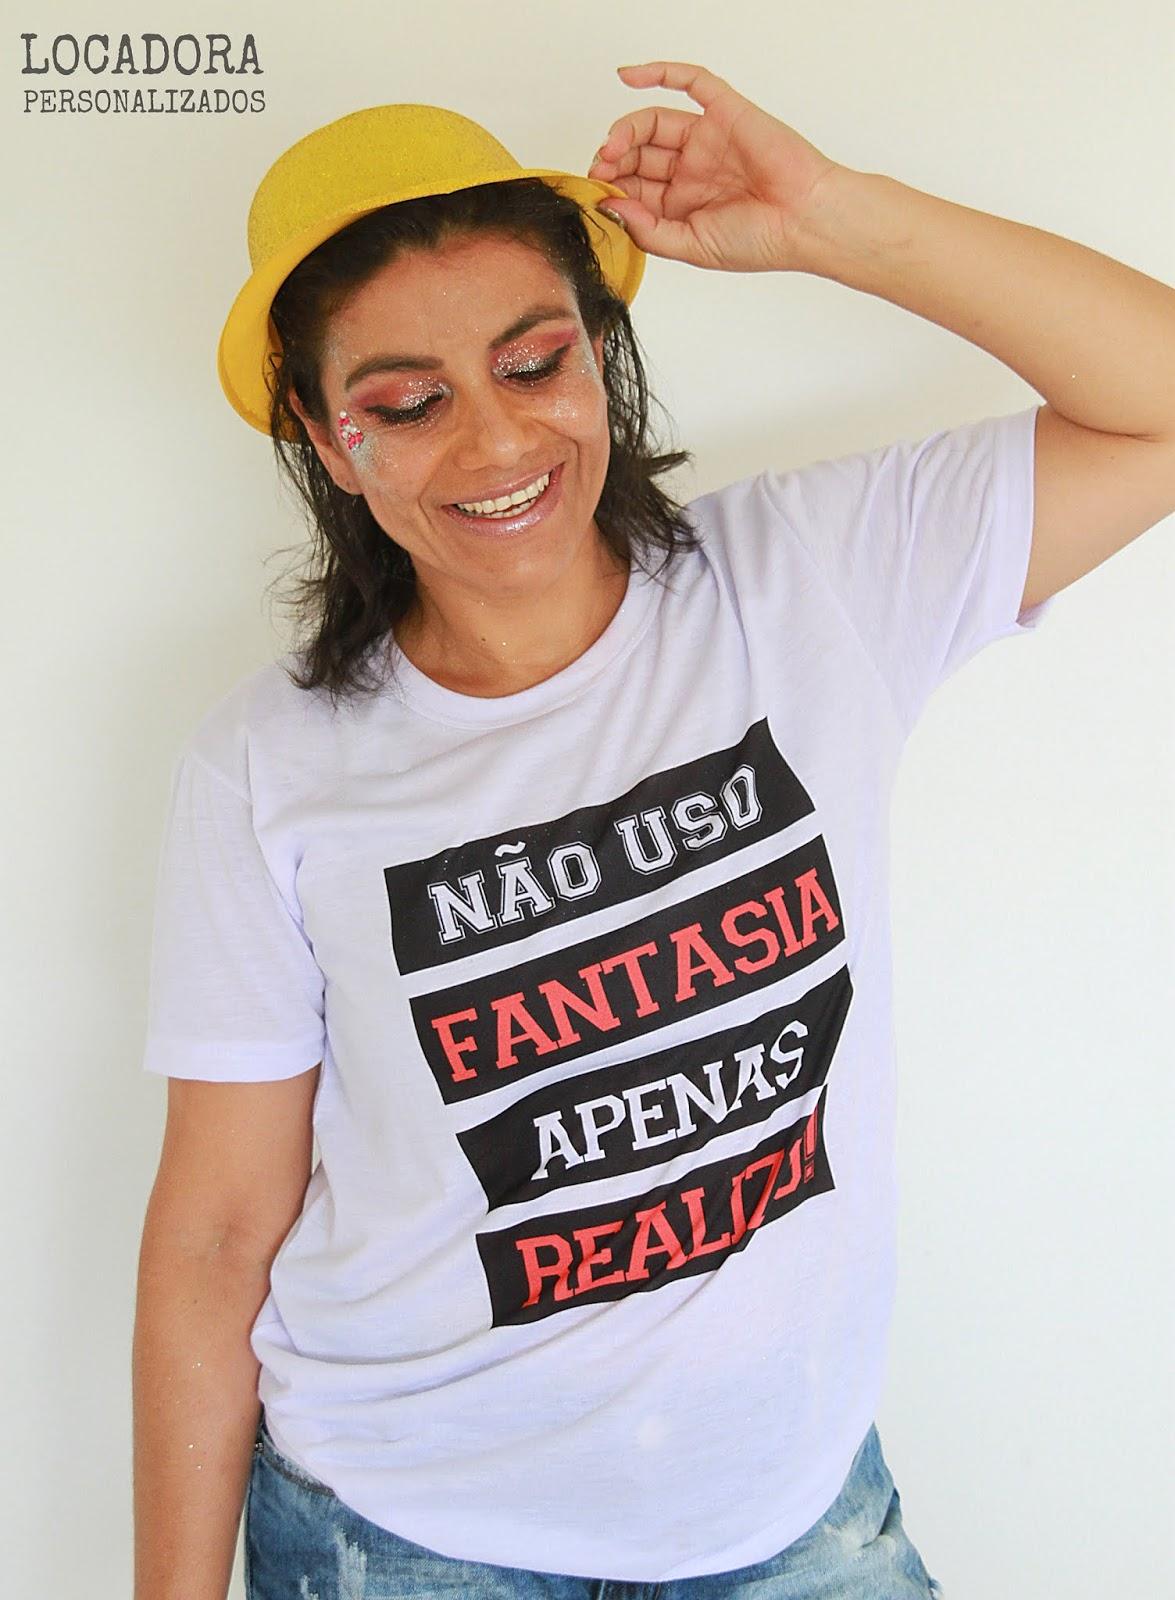 Camisas divertidas, estilosas e que vai fazer você arrasar nesse #carnaval2019. Confira o novo editorial de moda que eu fiz para a Locadora personalizados. Acesse agora!